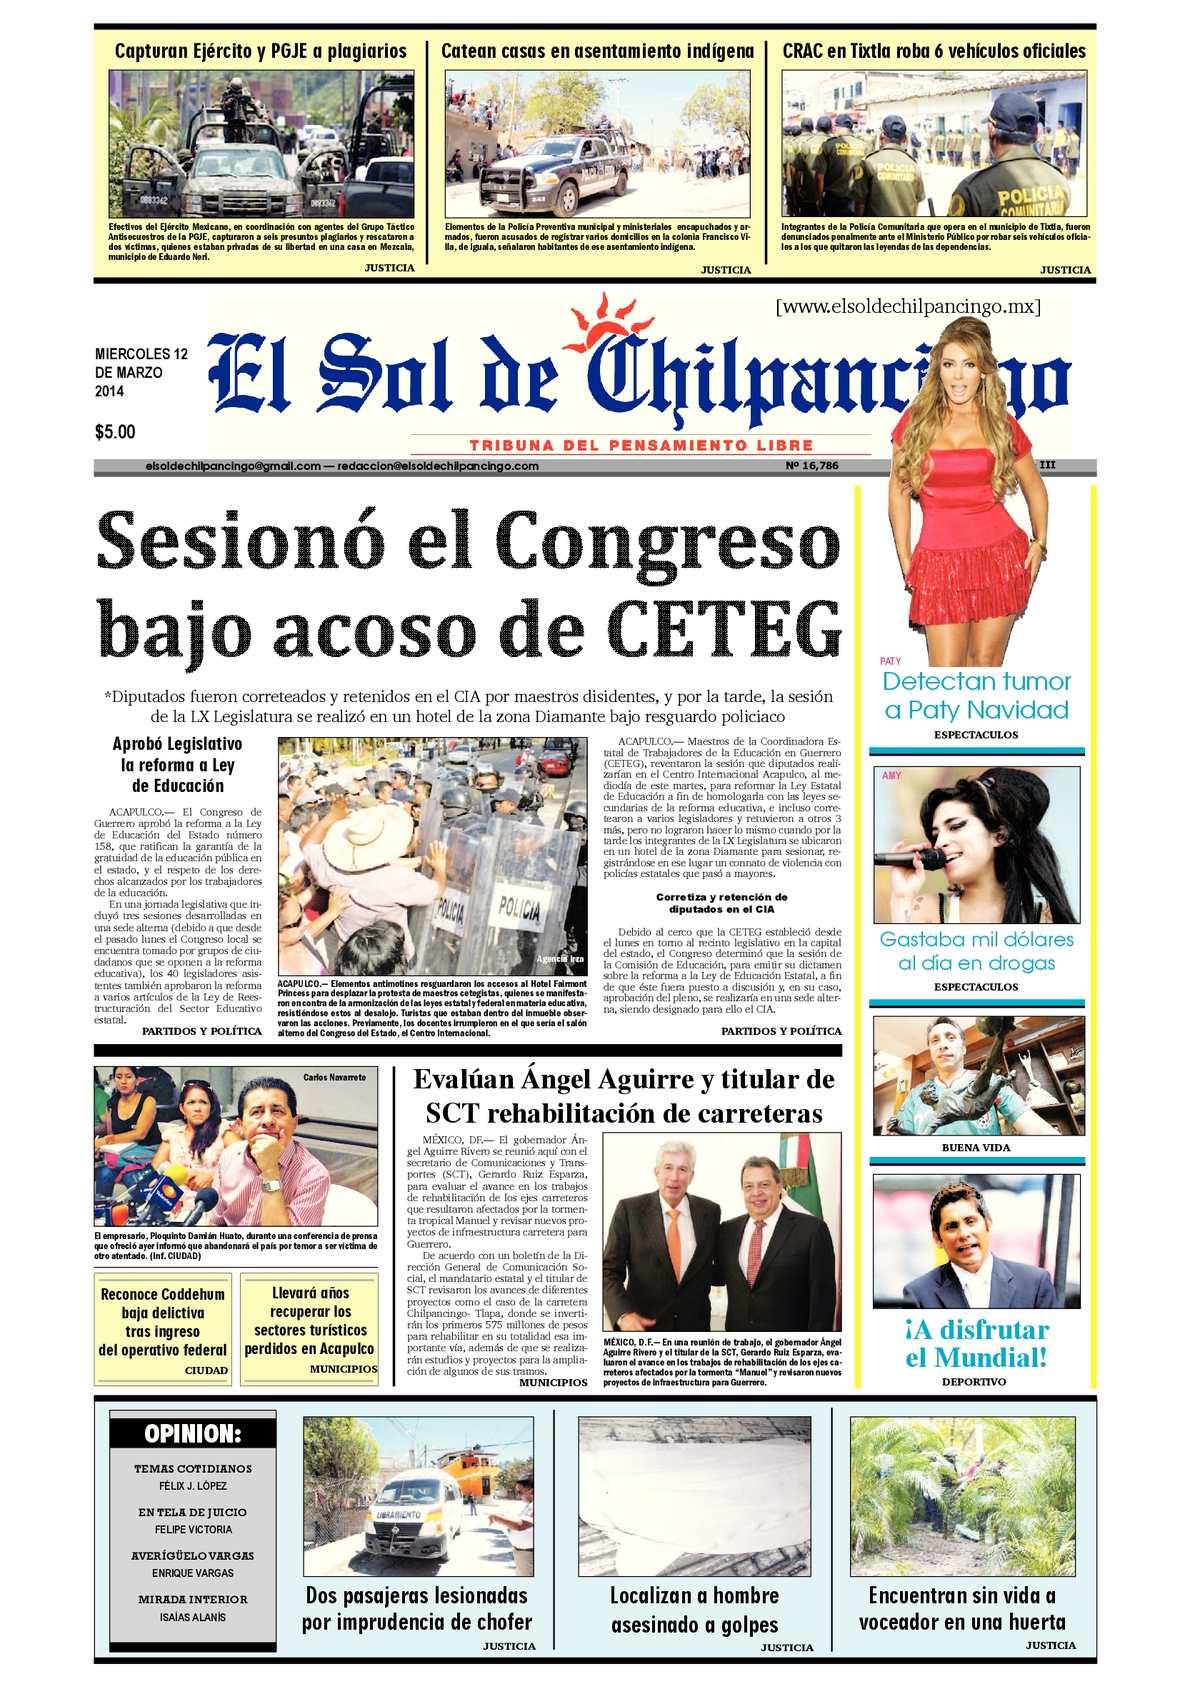 Calaméo - El Sol de Chilpancingo 12 Marzo 2014 13be53b8b24